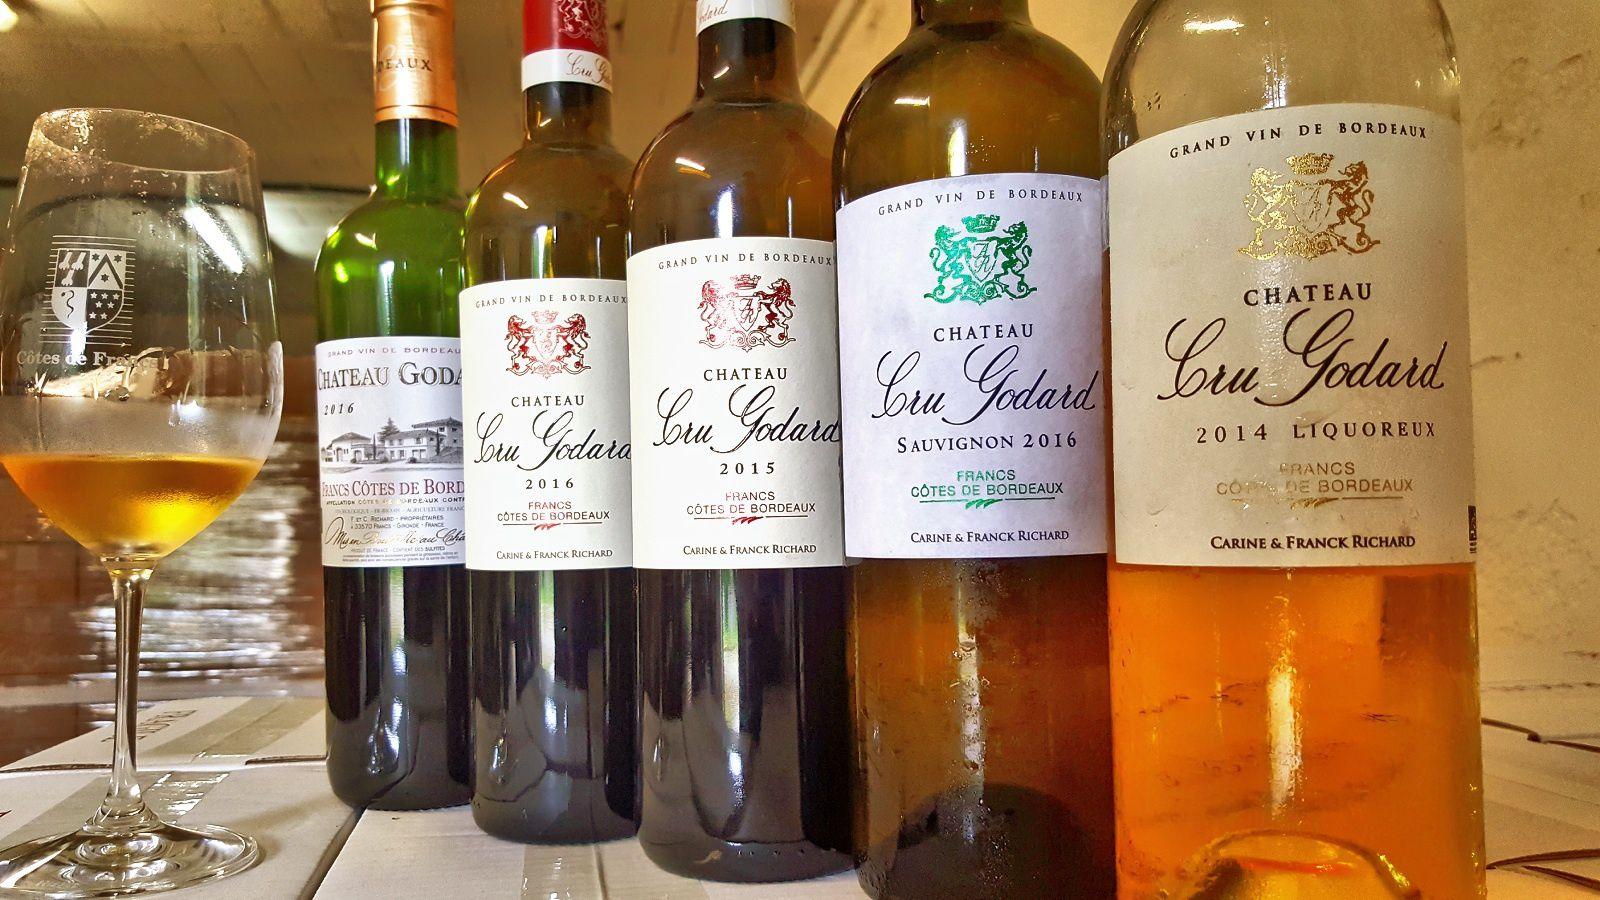 Le Cru Godard en Francs-Côtes de Bordeaux avec son sol typique enfouissant de la tuffe